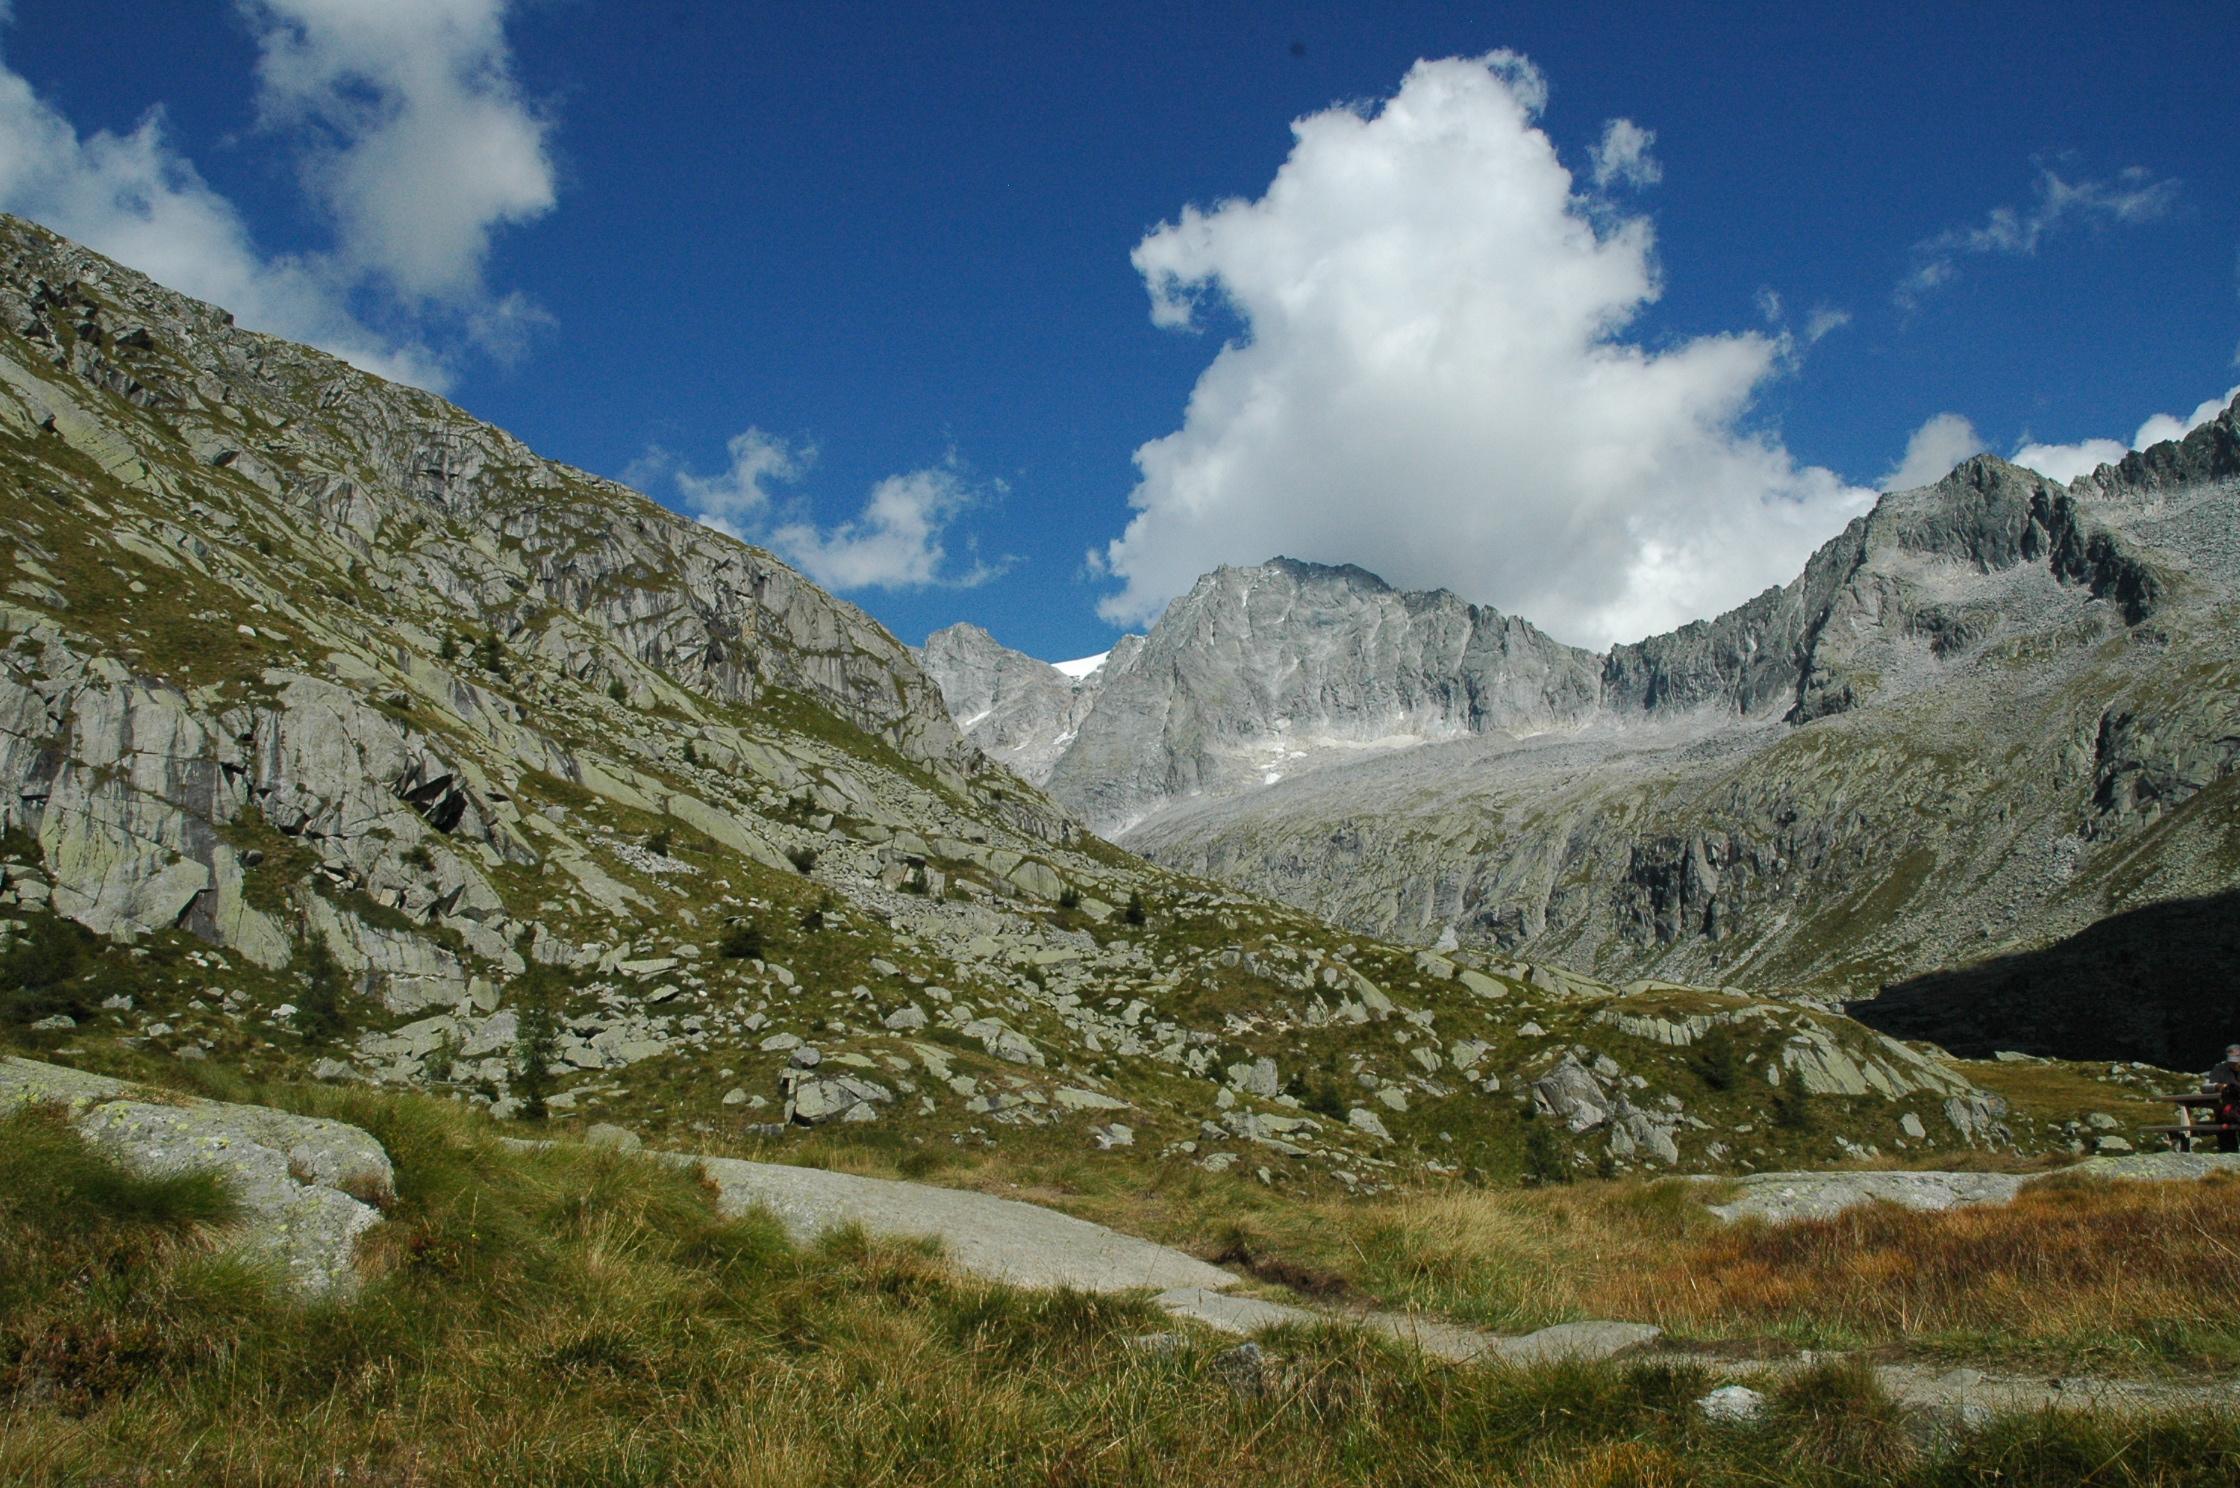 Vista montagne rocciose, ma verdi con un cielo sereno e poche nuvole sparse